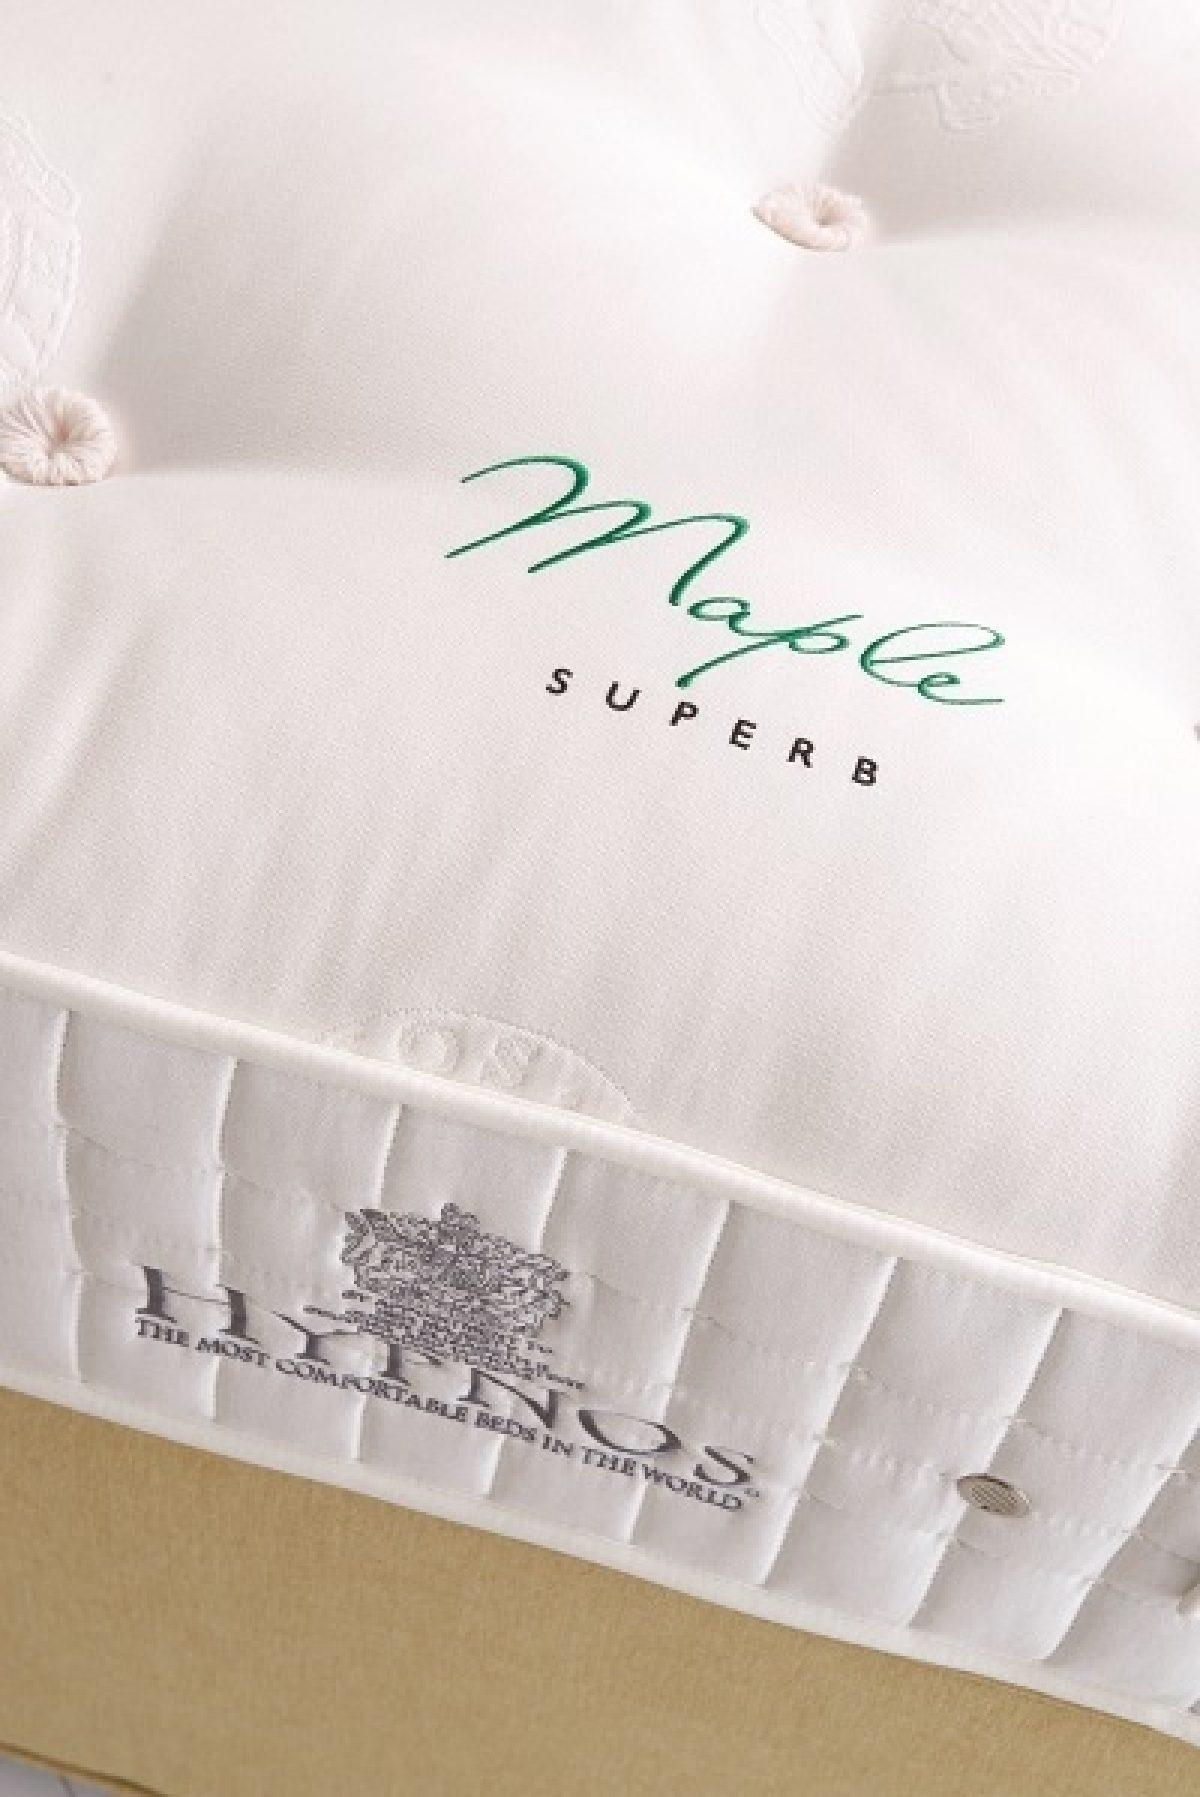 Maple Superb Label